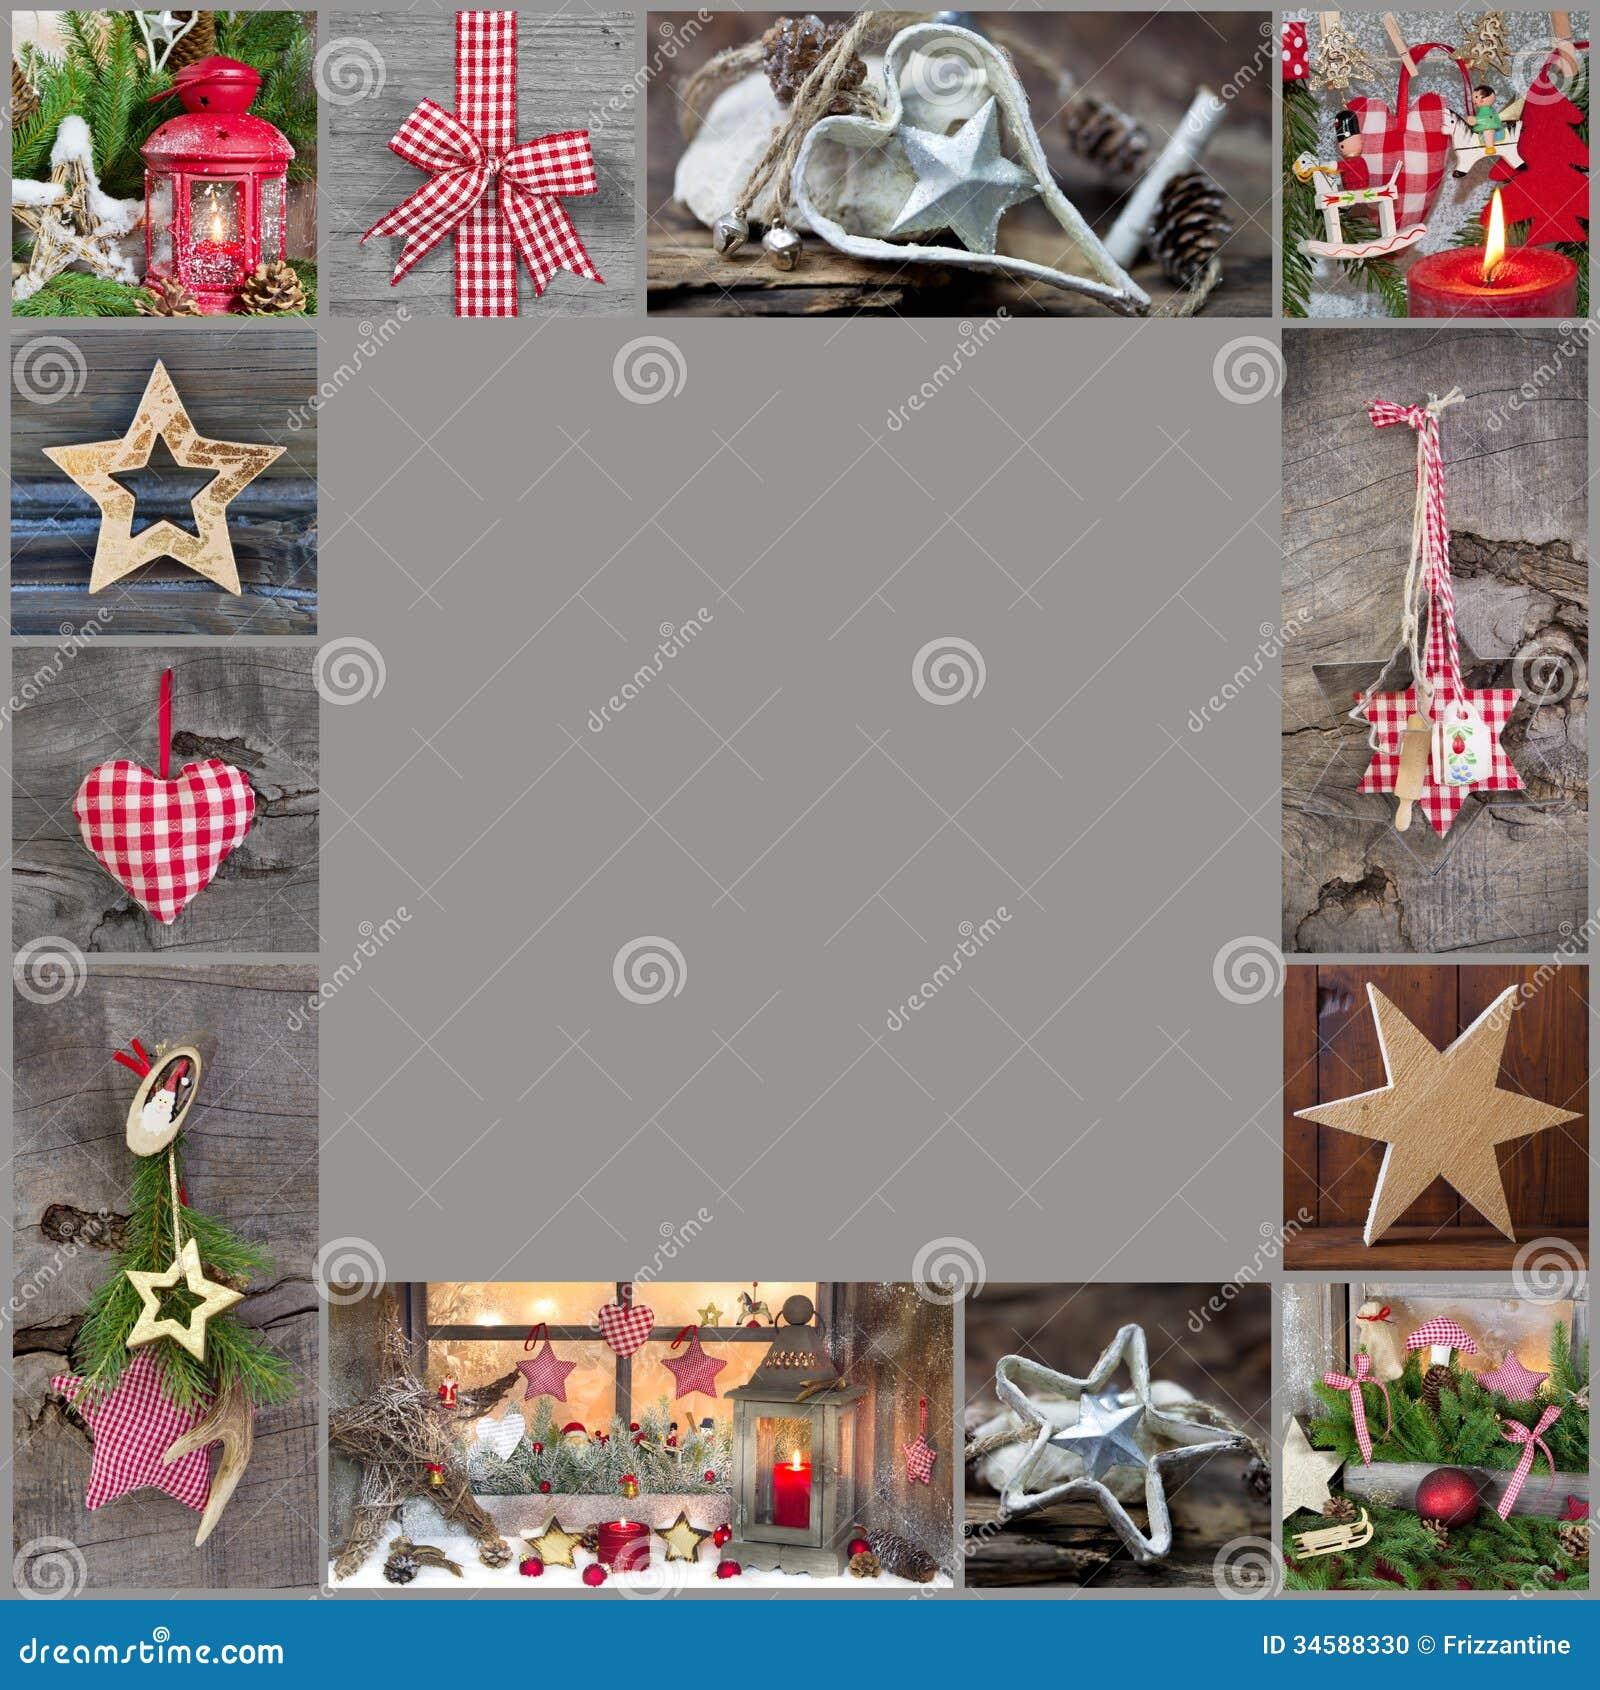 rustikale und klassische dekorationsideen f r weihnachten land styl stockfoto bild 34588330. Black Bedroom Furniture Sets. Home Design Ideas